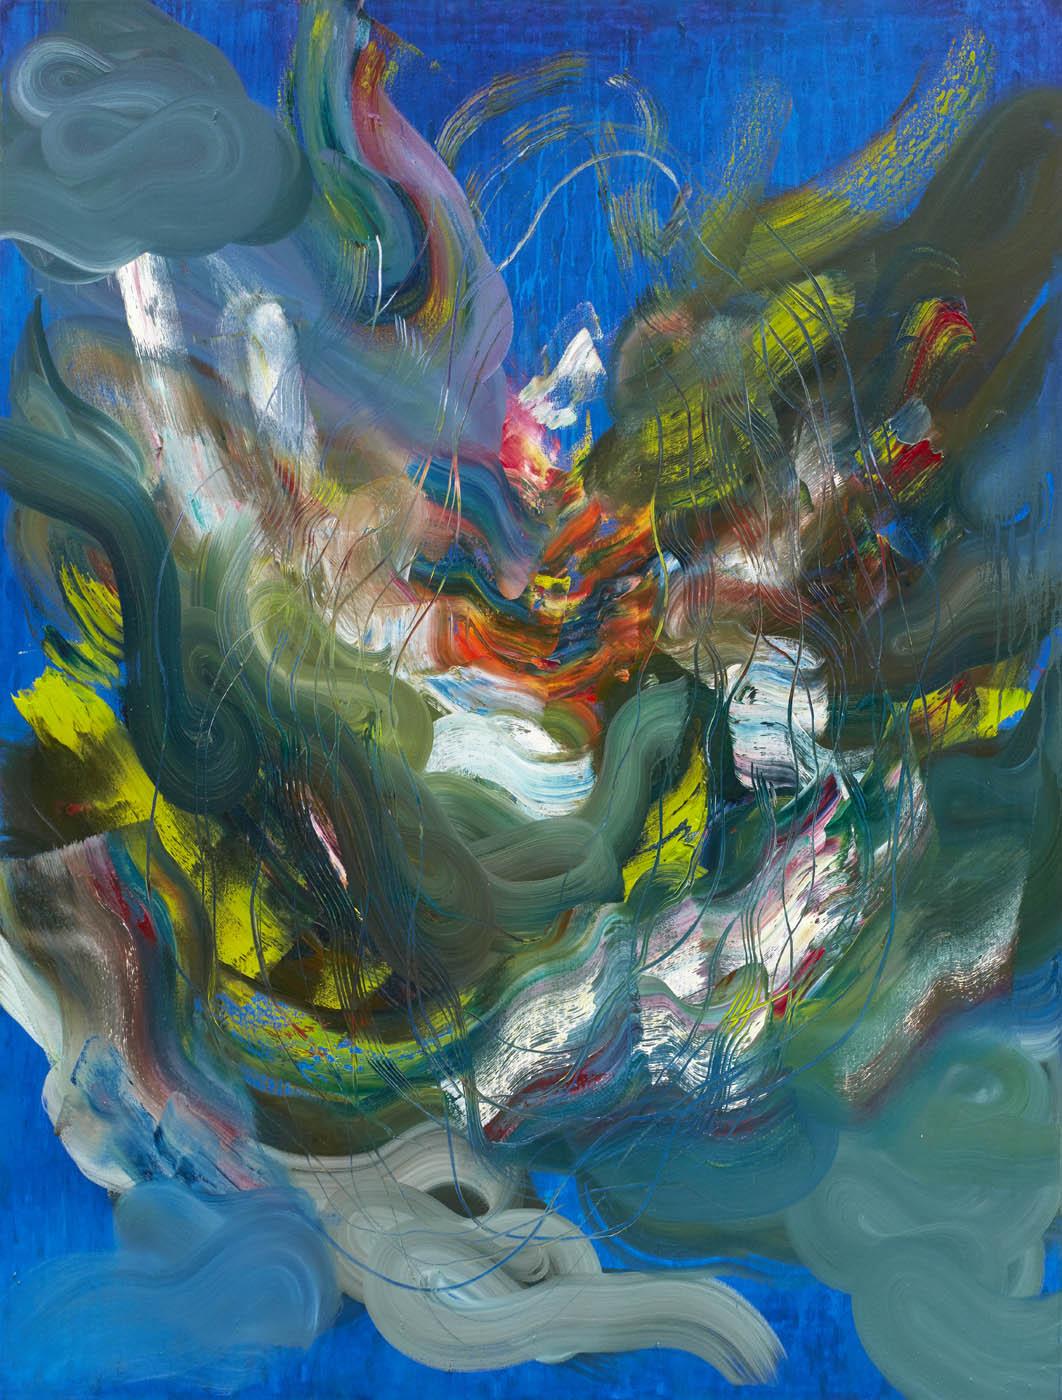 Nathalie N. Moreno Garcia - Mirroring Depth